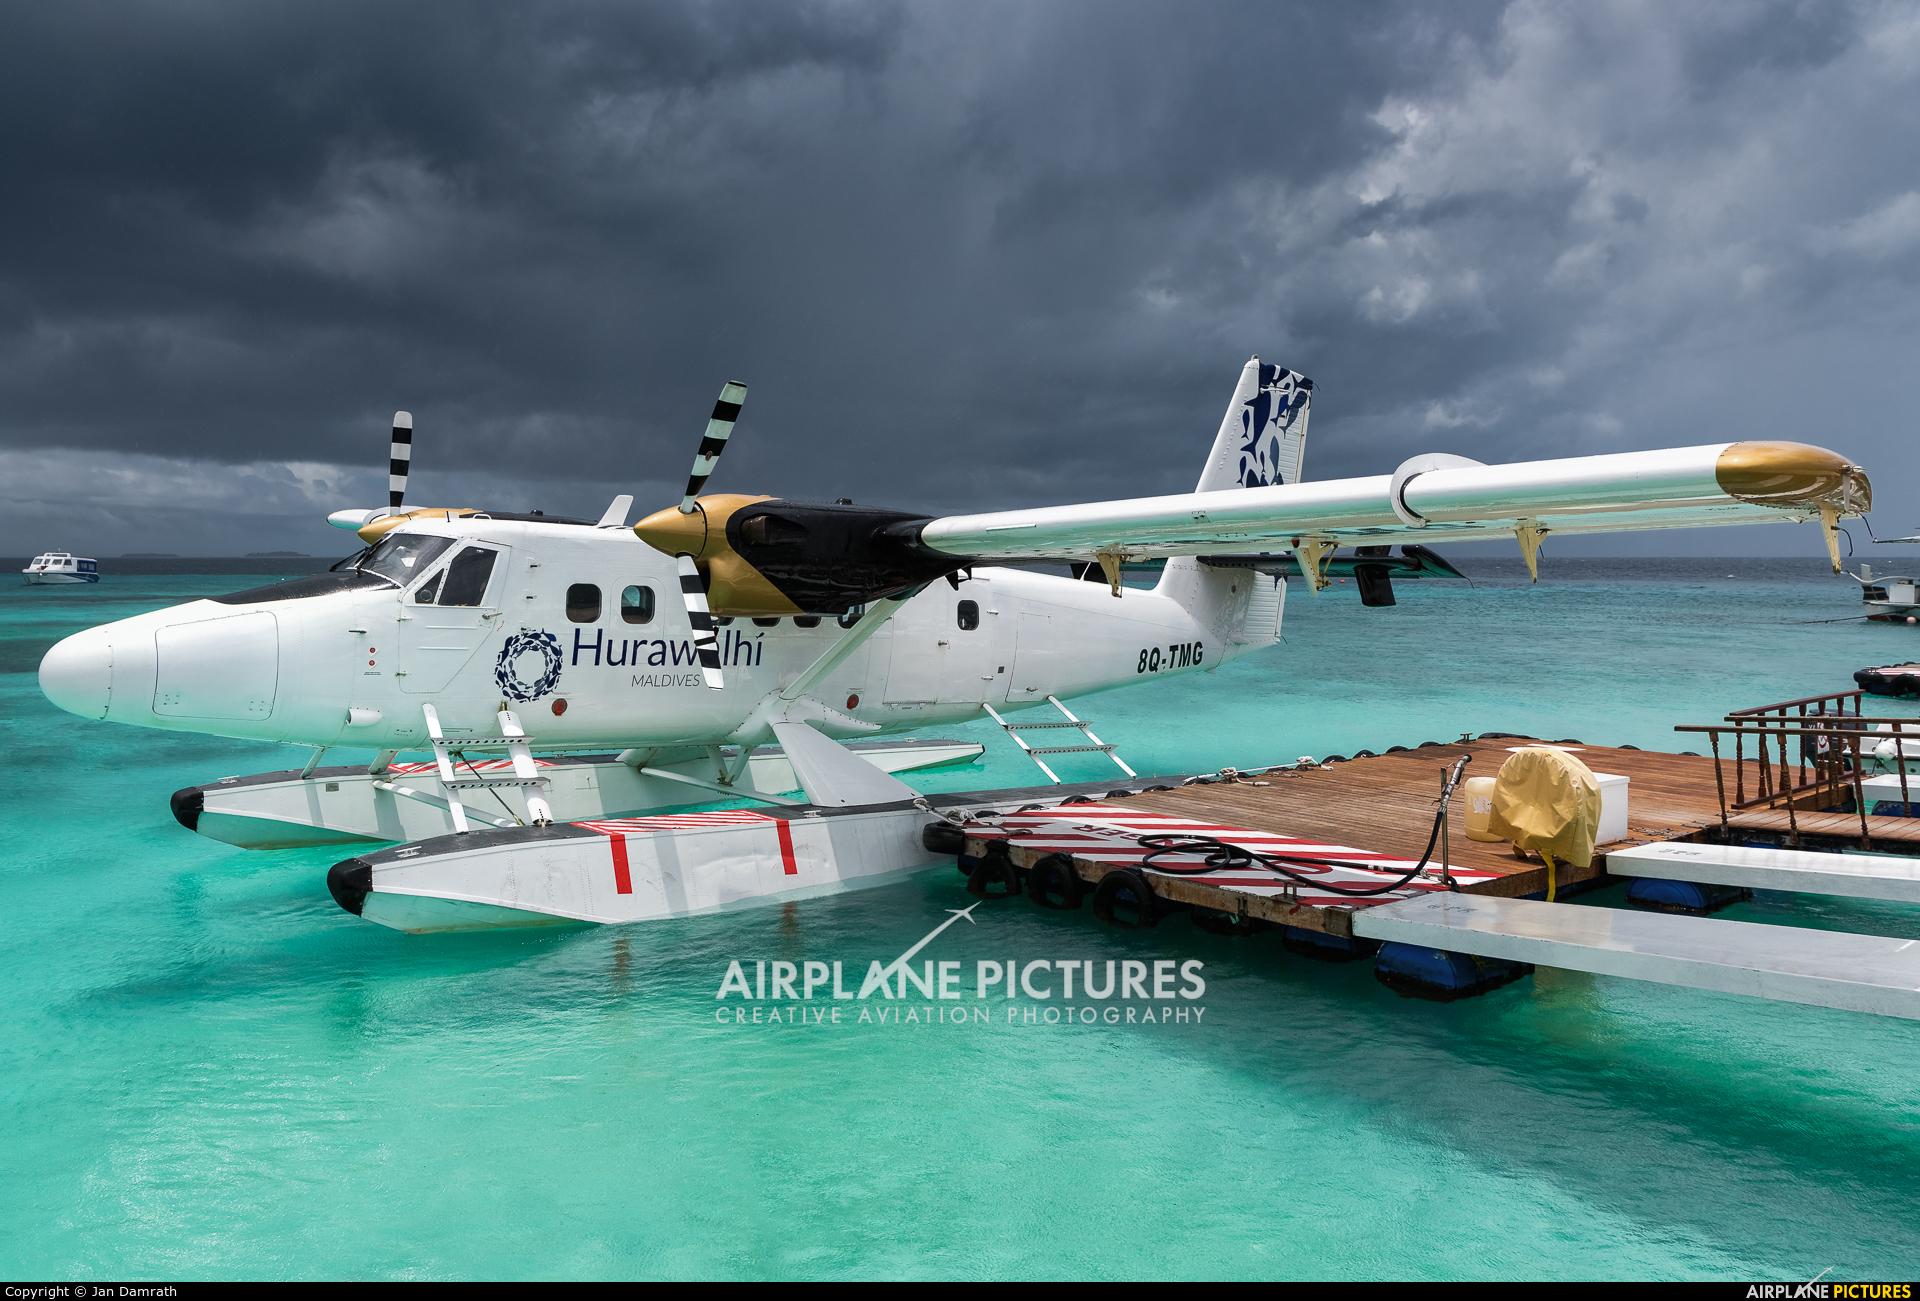 Trans Maldivian Airways - TMA 8Q-TMG aircraft at Off Airport - Maldives